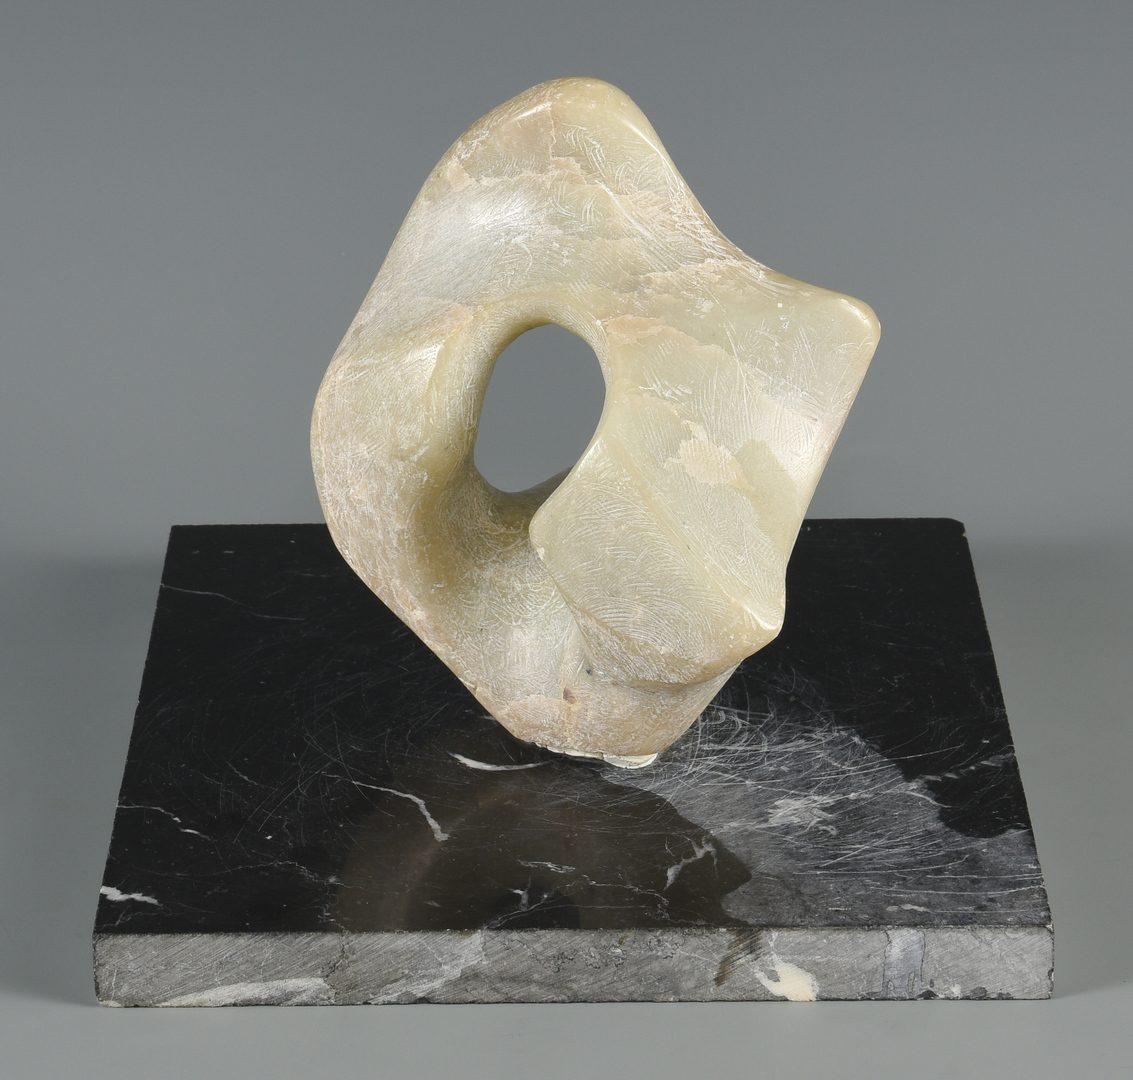 Lot 392: Attr. Greg Ridley Abstract Sculpture